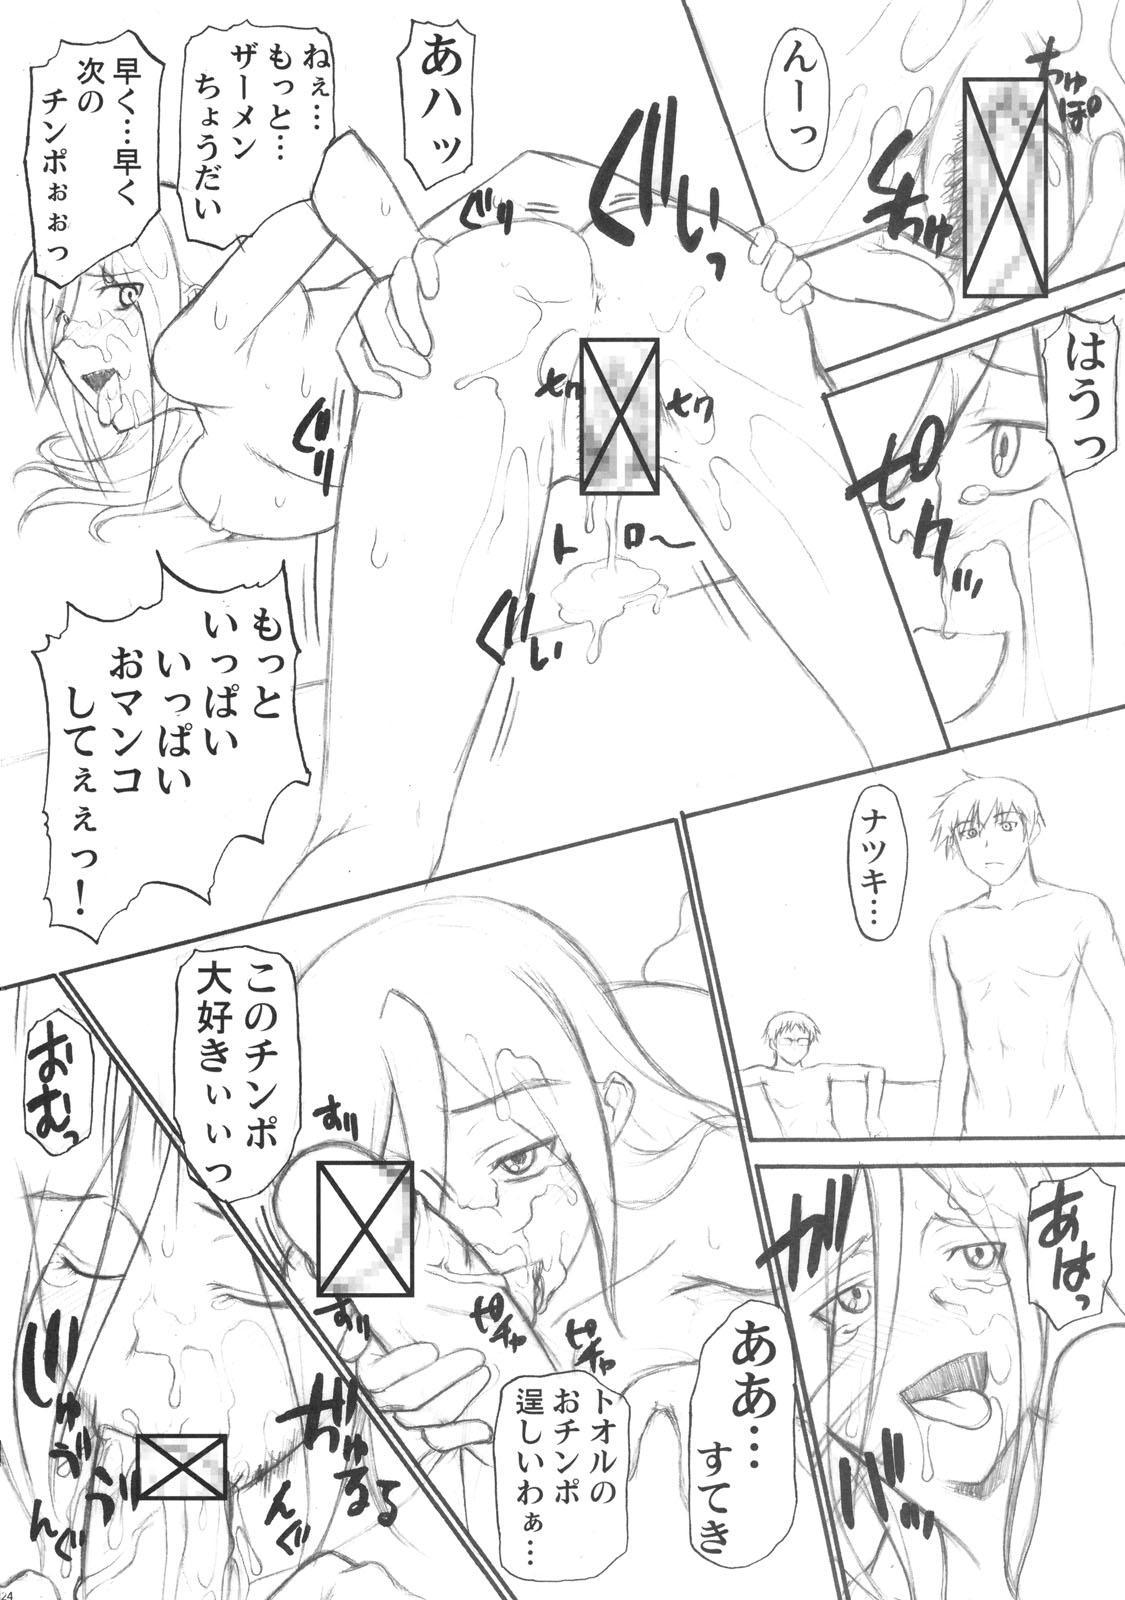 Tokusen! Yonka no Hon 24